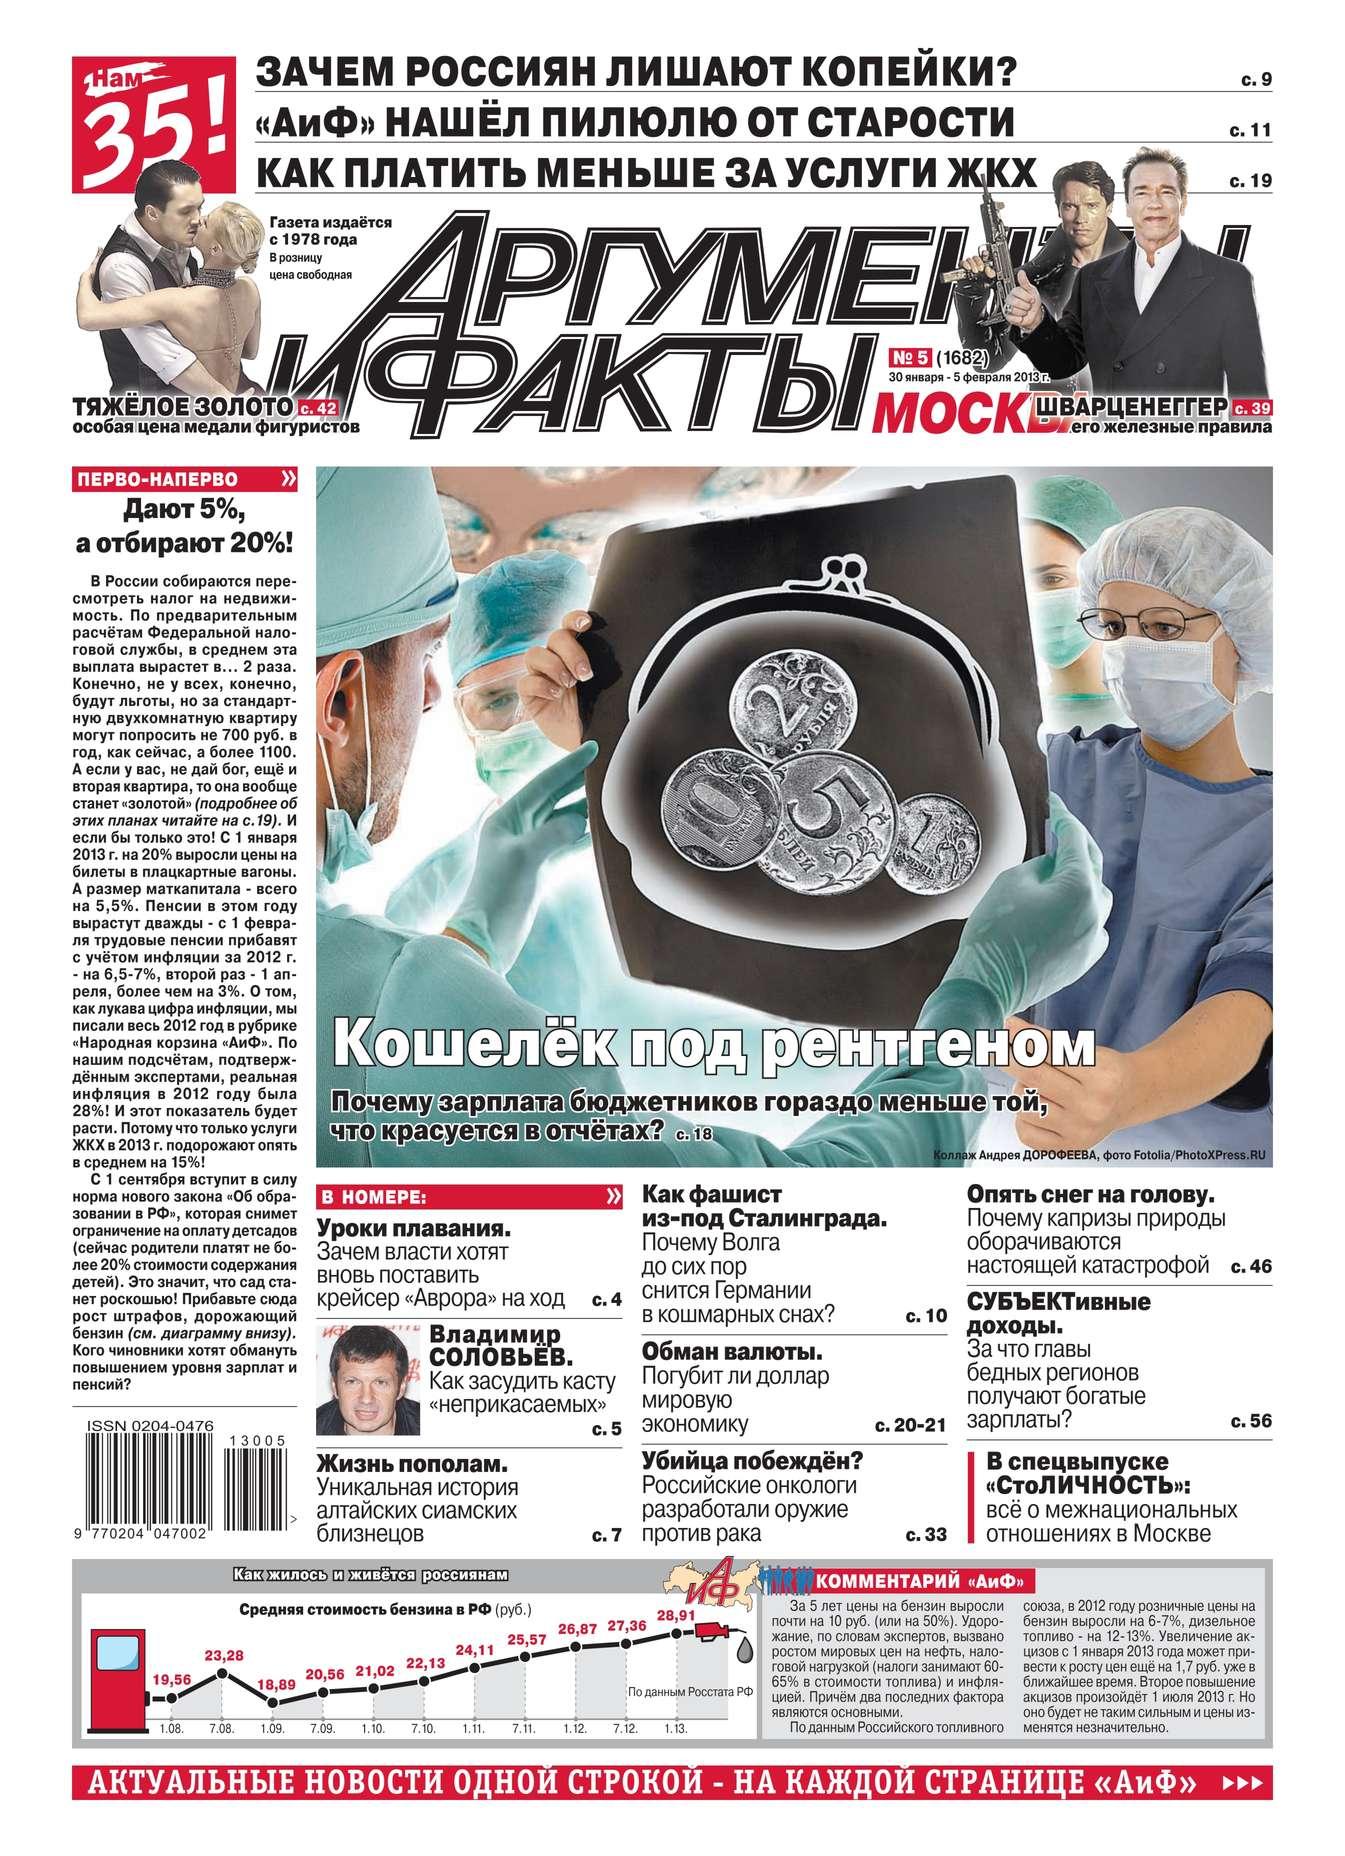 Редакция журнала Аиф. Про Кухню Аргументы и факты 05-2013